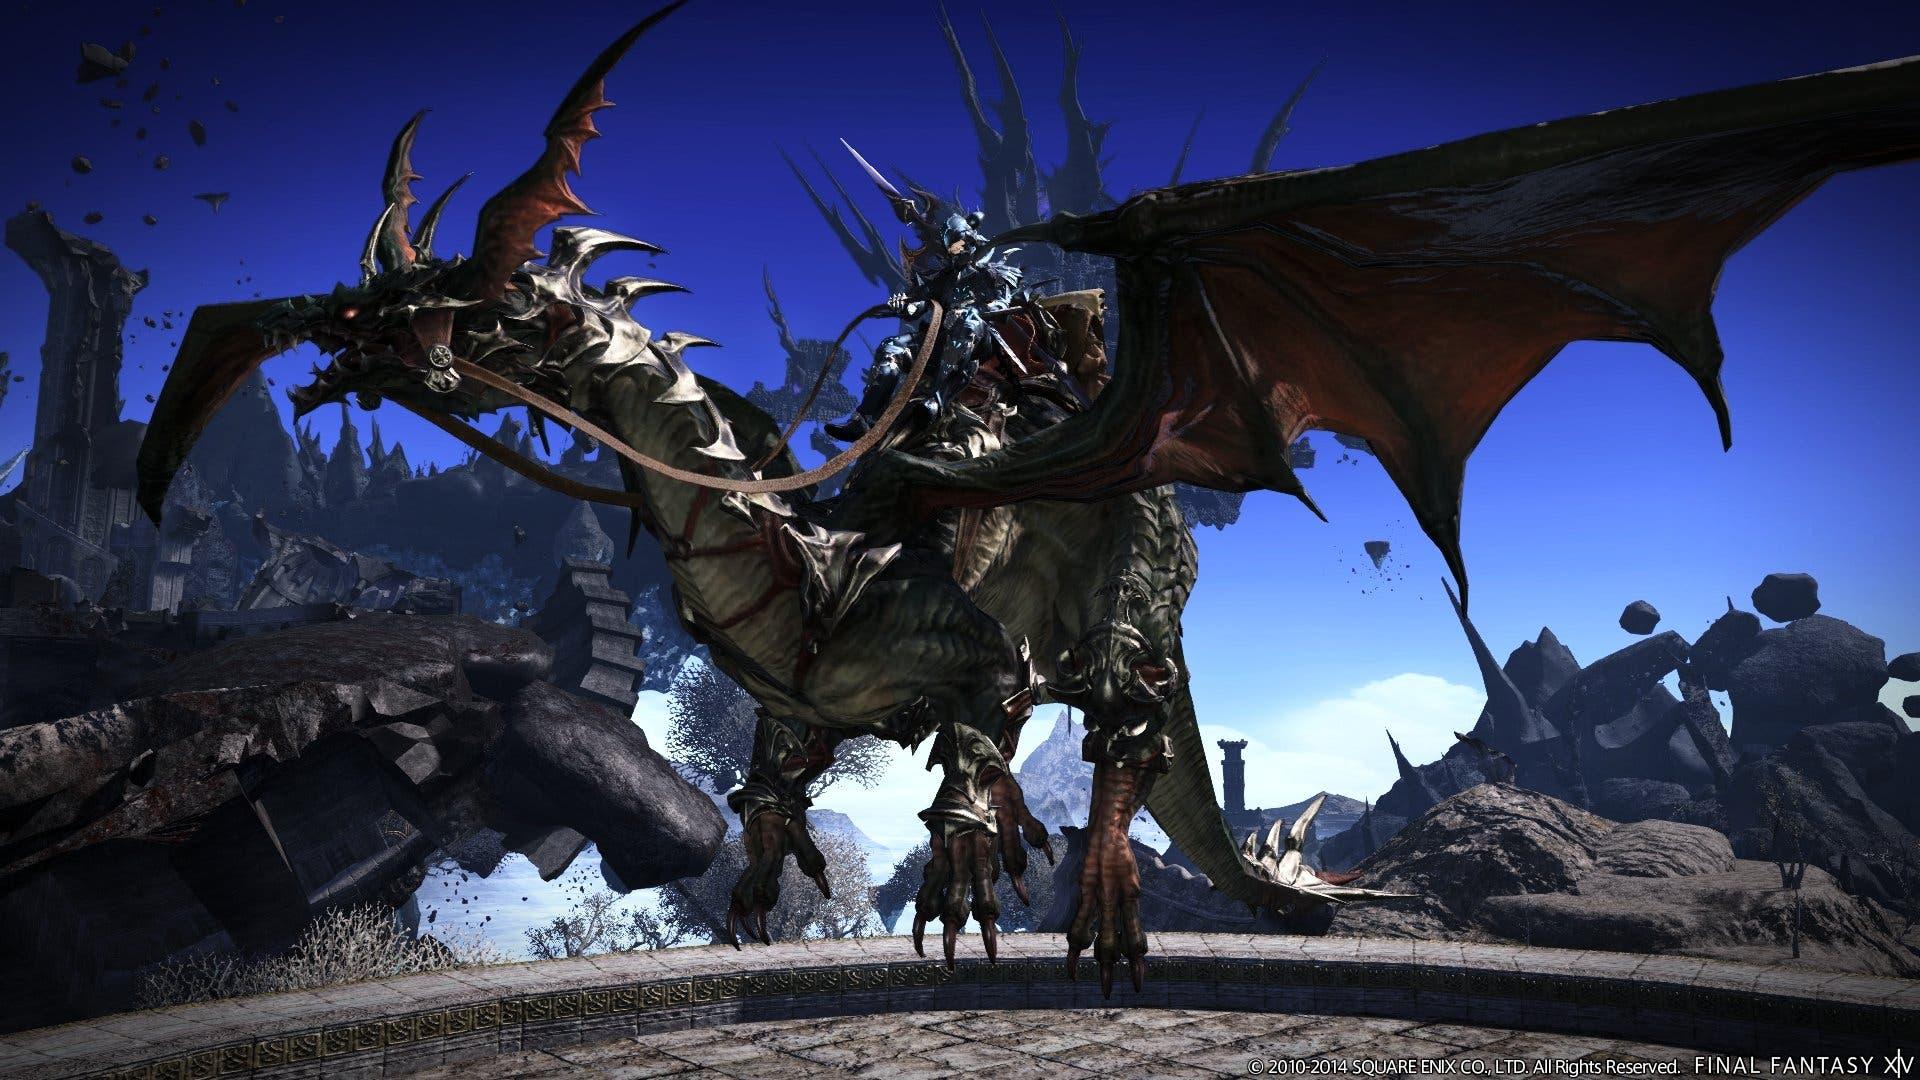 Final_Fantasy XIV Heavensward 2